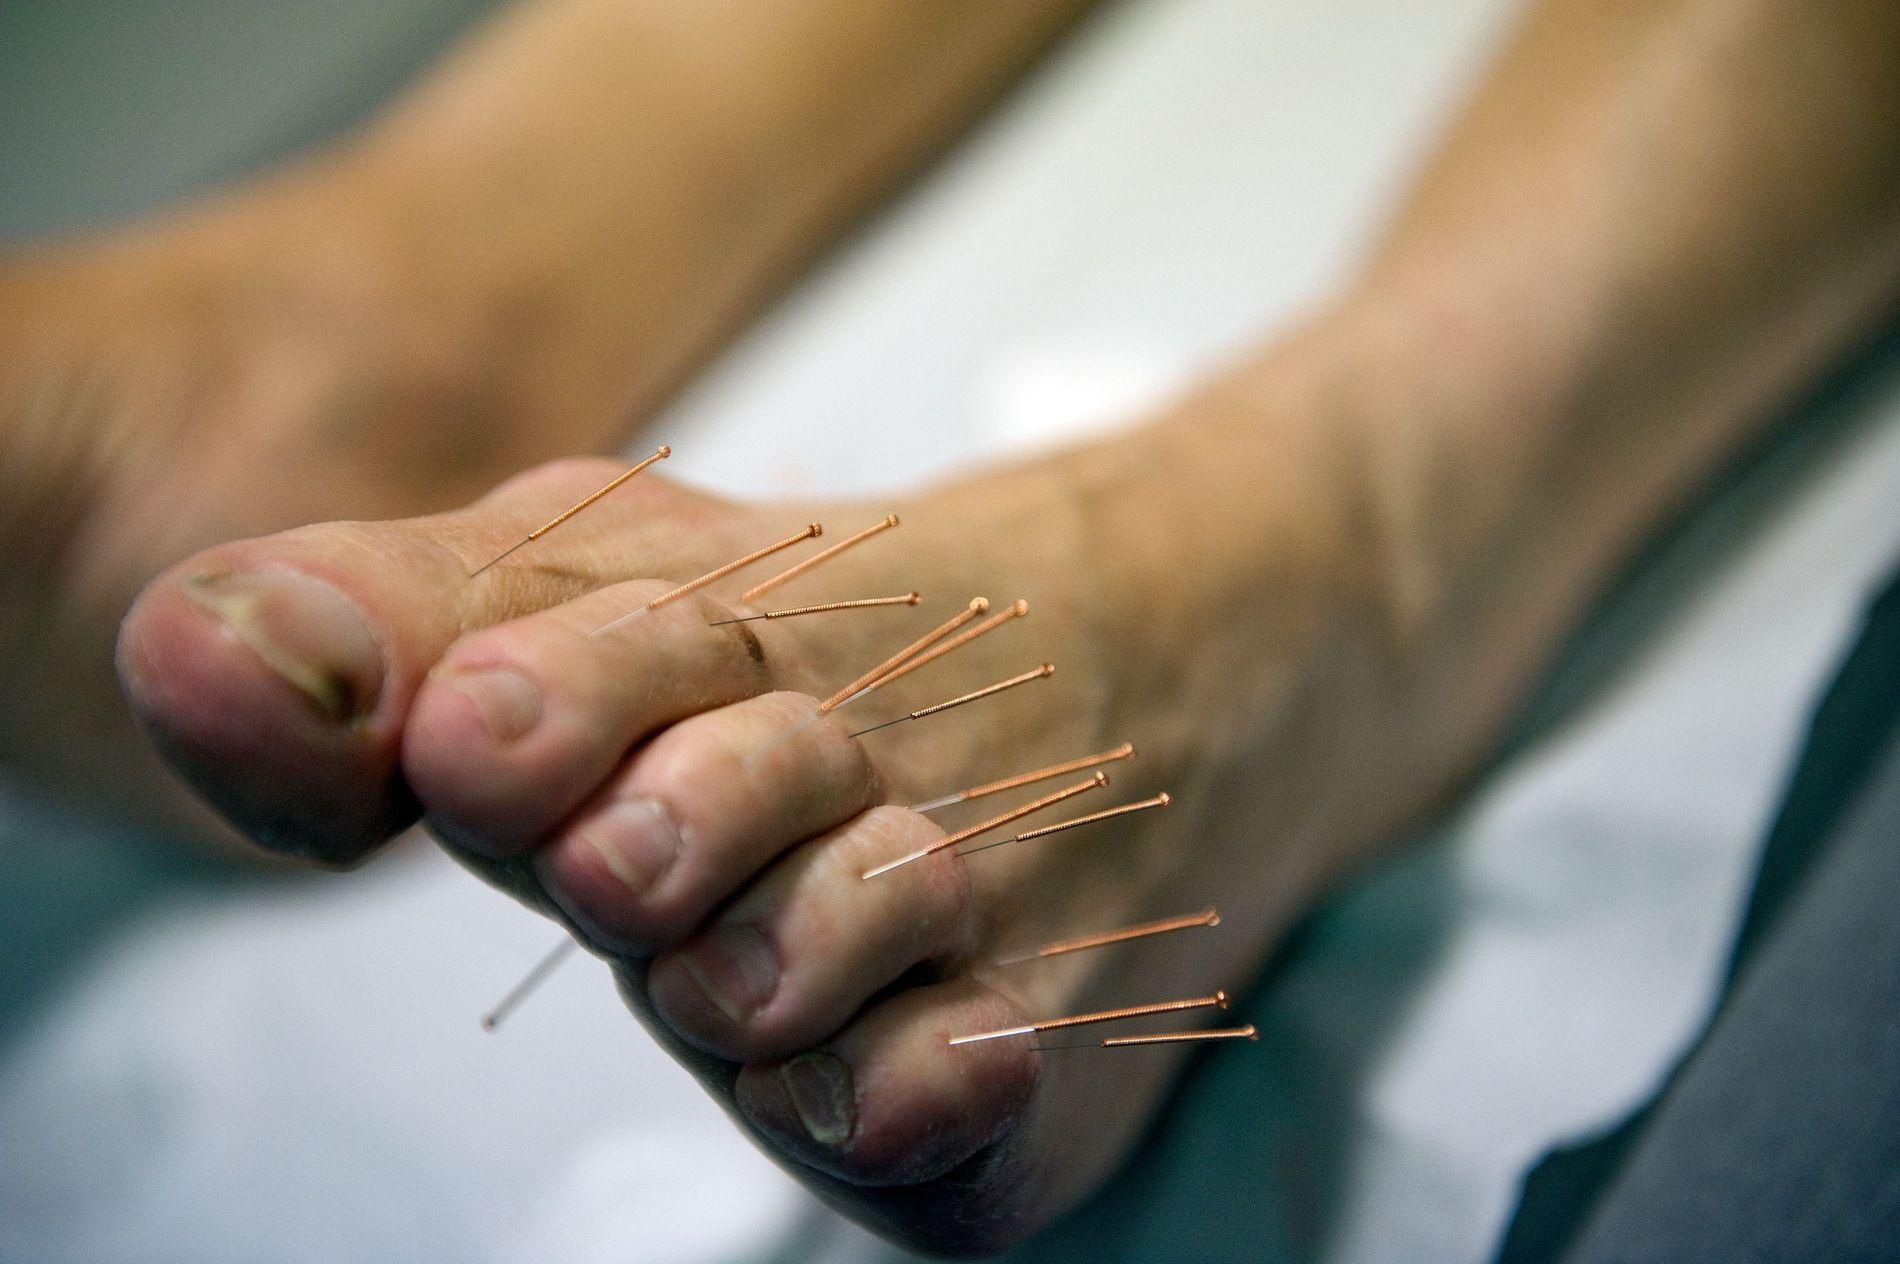 L'acupuncture est utilisée pour traiter les neuropathies entraînées par la chimiothérapie. Elles se caractérisent par des fourmillements ou tiraillements douloureux, souvent localisés dans les doigts et les pieds.